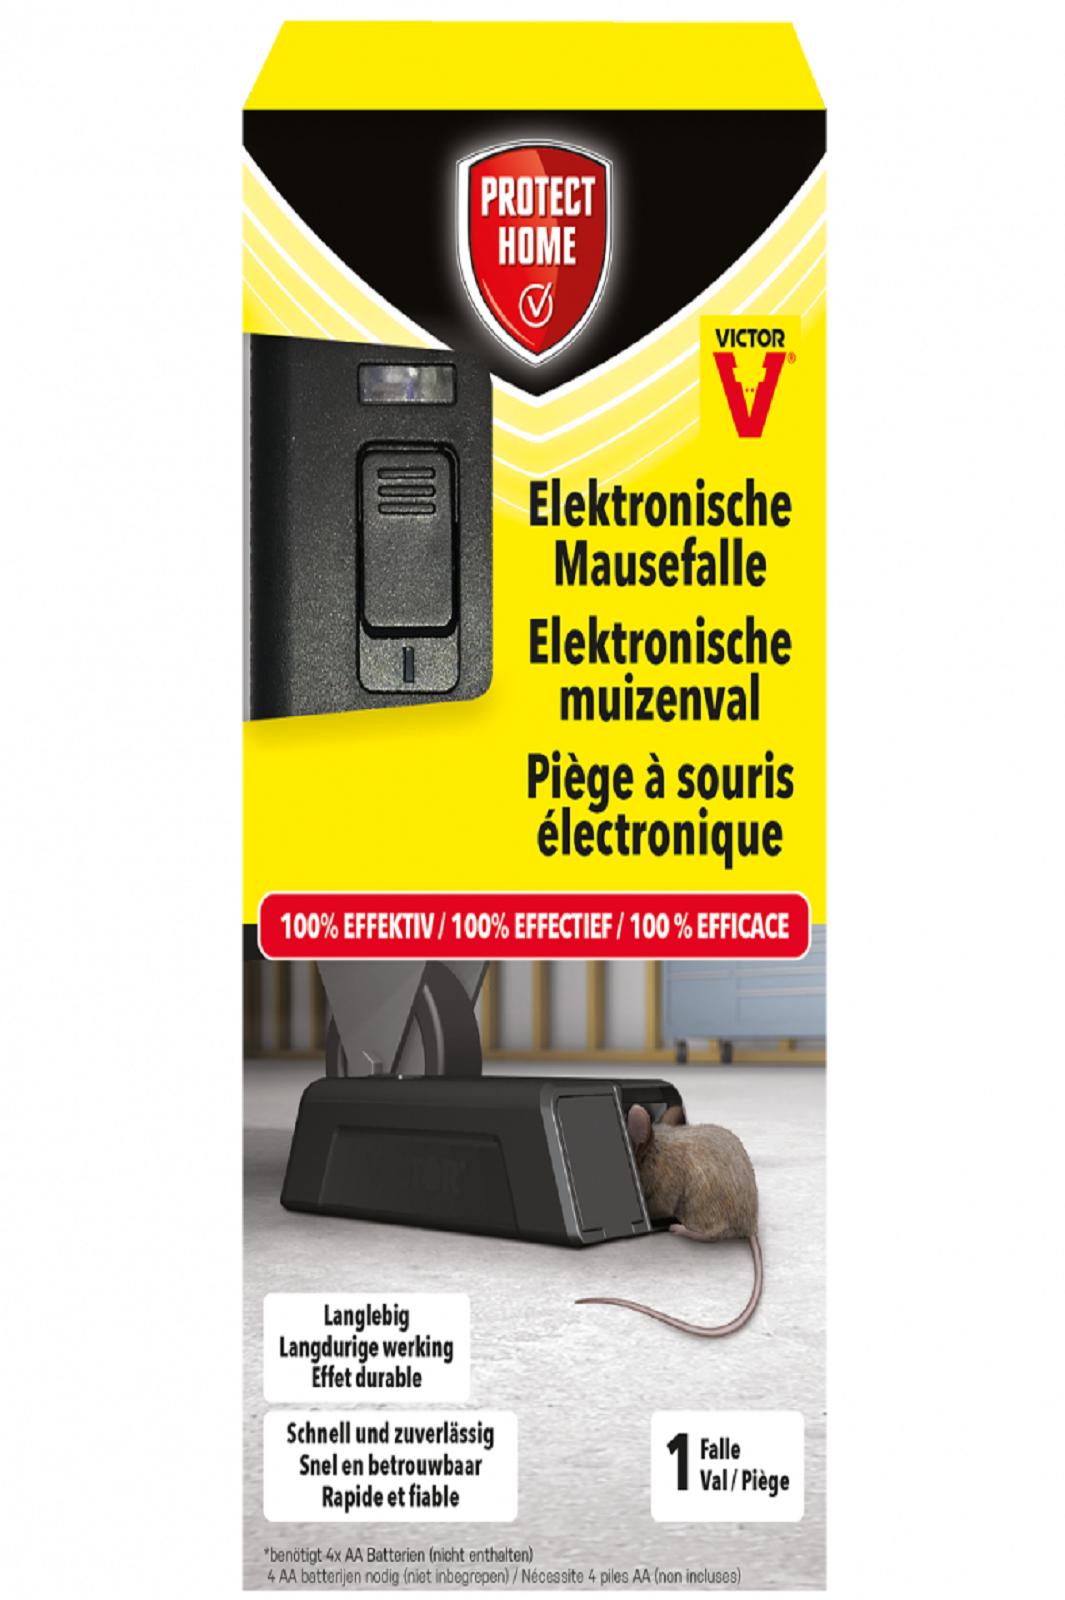 PROTECT HOME Elektronische Mausefalle sauber und sicher gegen Mäuse giftlos